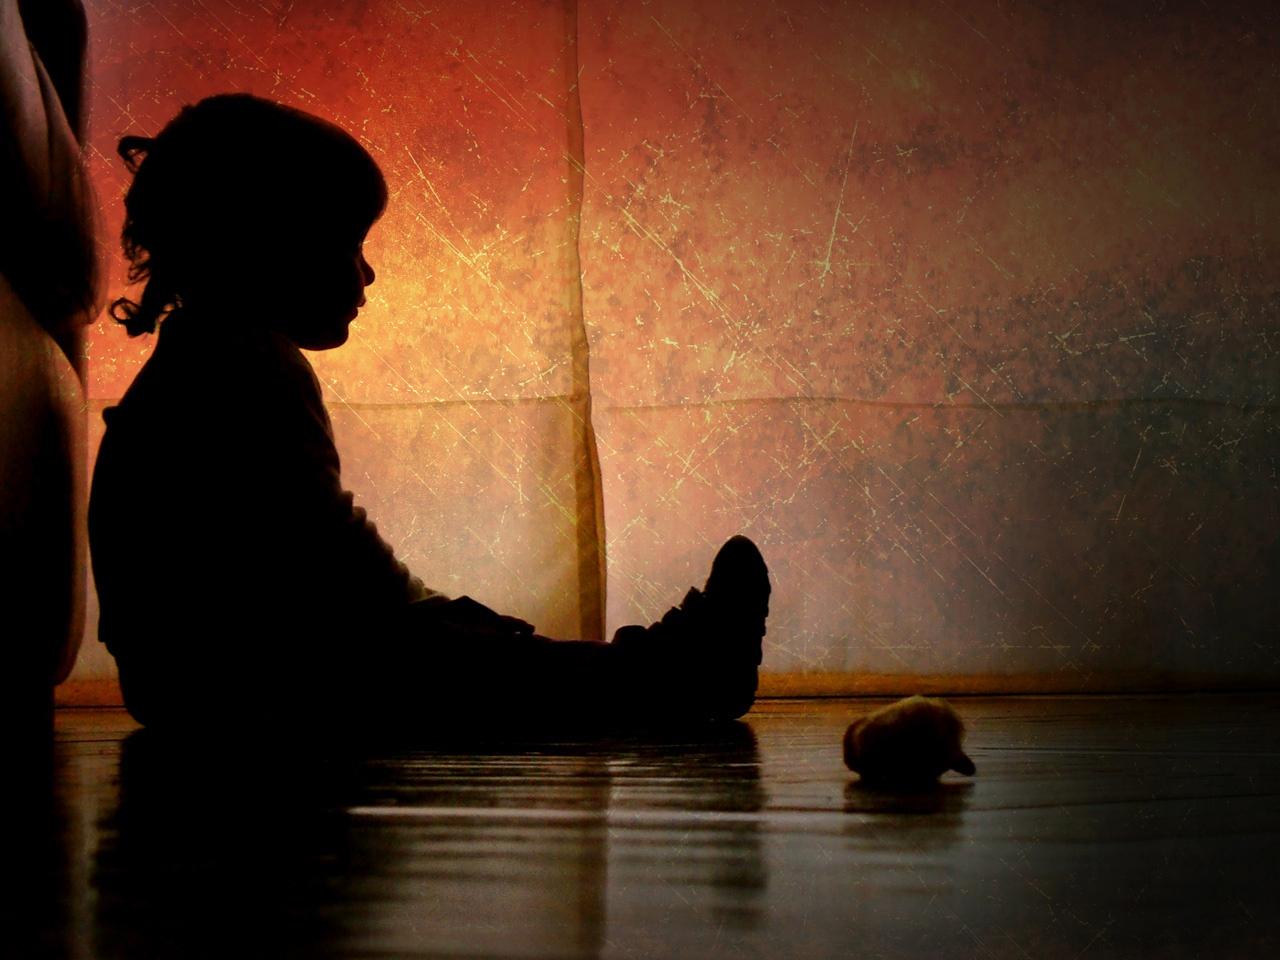 Elmalı Davası gündemdeki yerini koruyor! Anne Merve Akman ve üvey baba Rahmi Akman nasıl serbest kaldı? Avukatlar açıkladı!